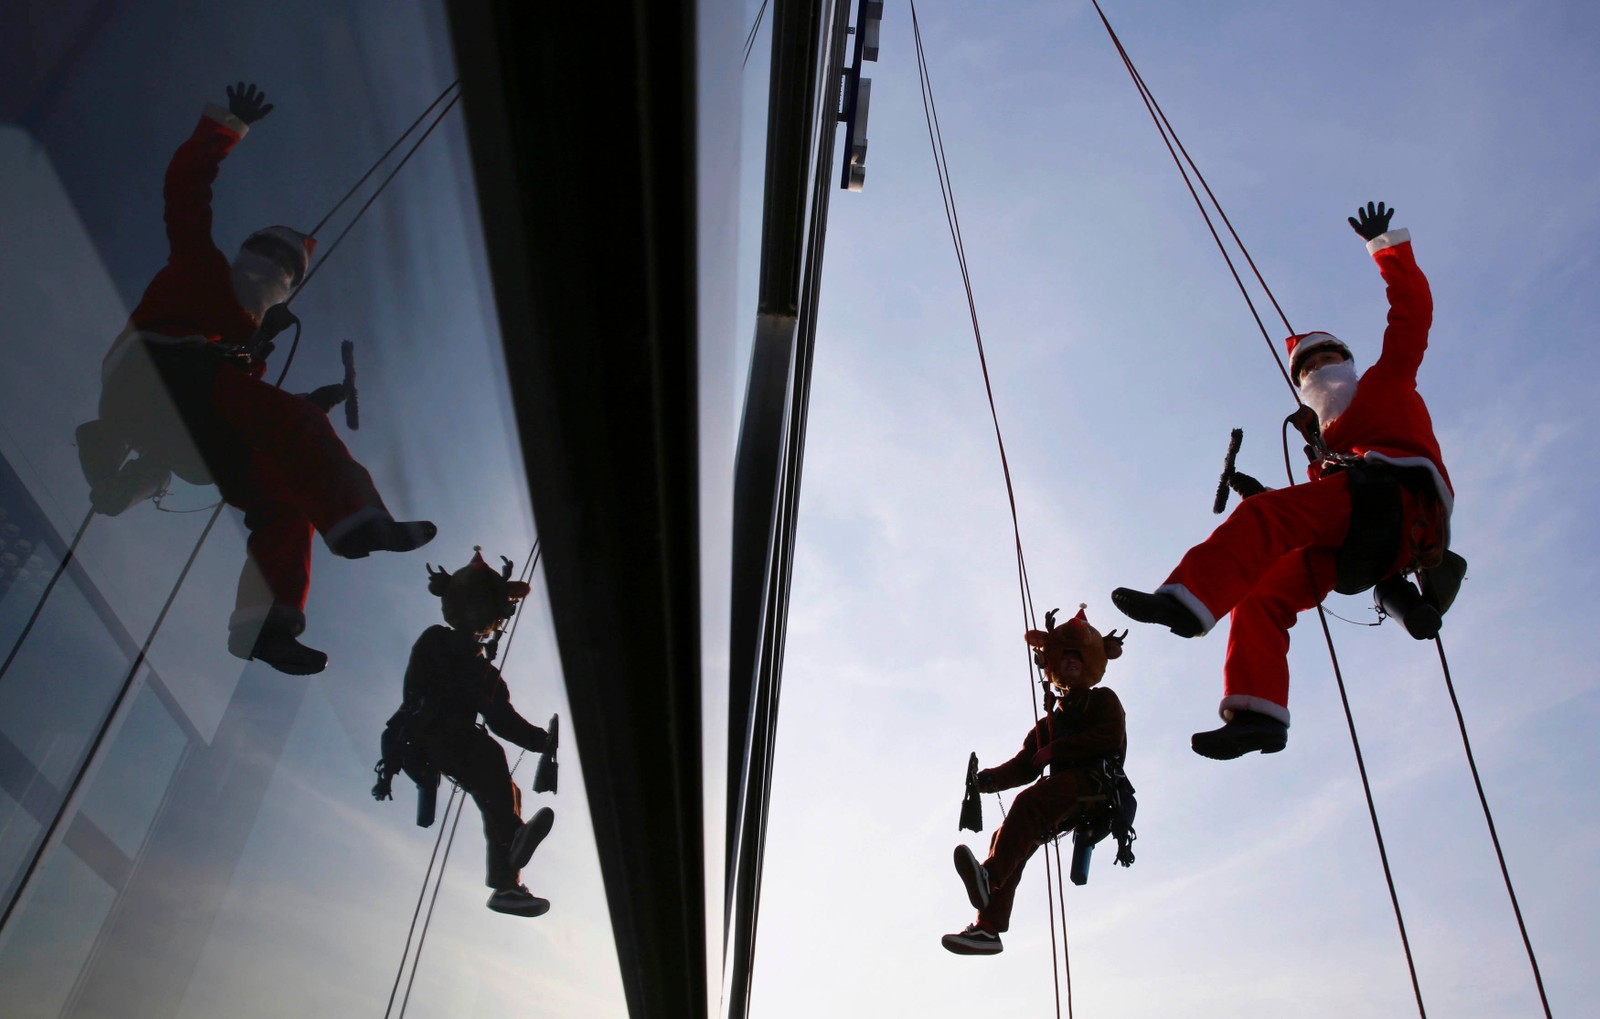 Disse vindusvaskerne har kledd seg ut som julenissen og reinsdyret Rudolf i Tokyo i Japan.